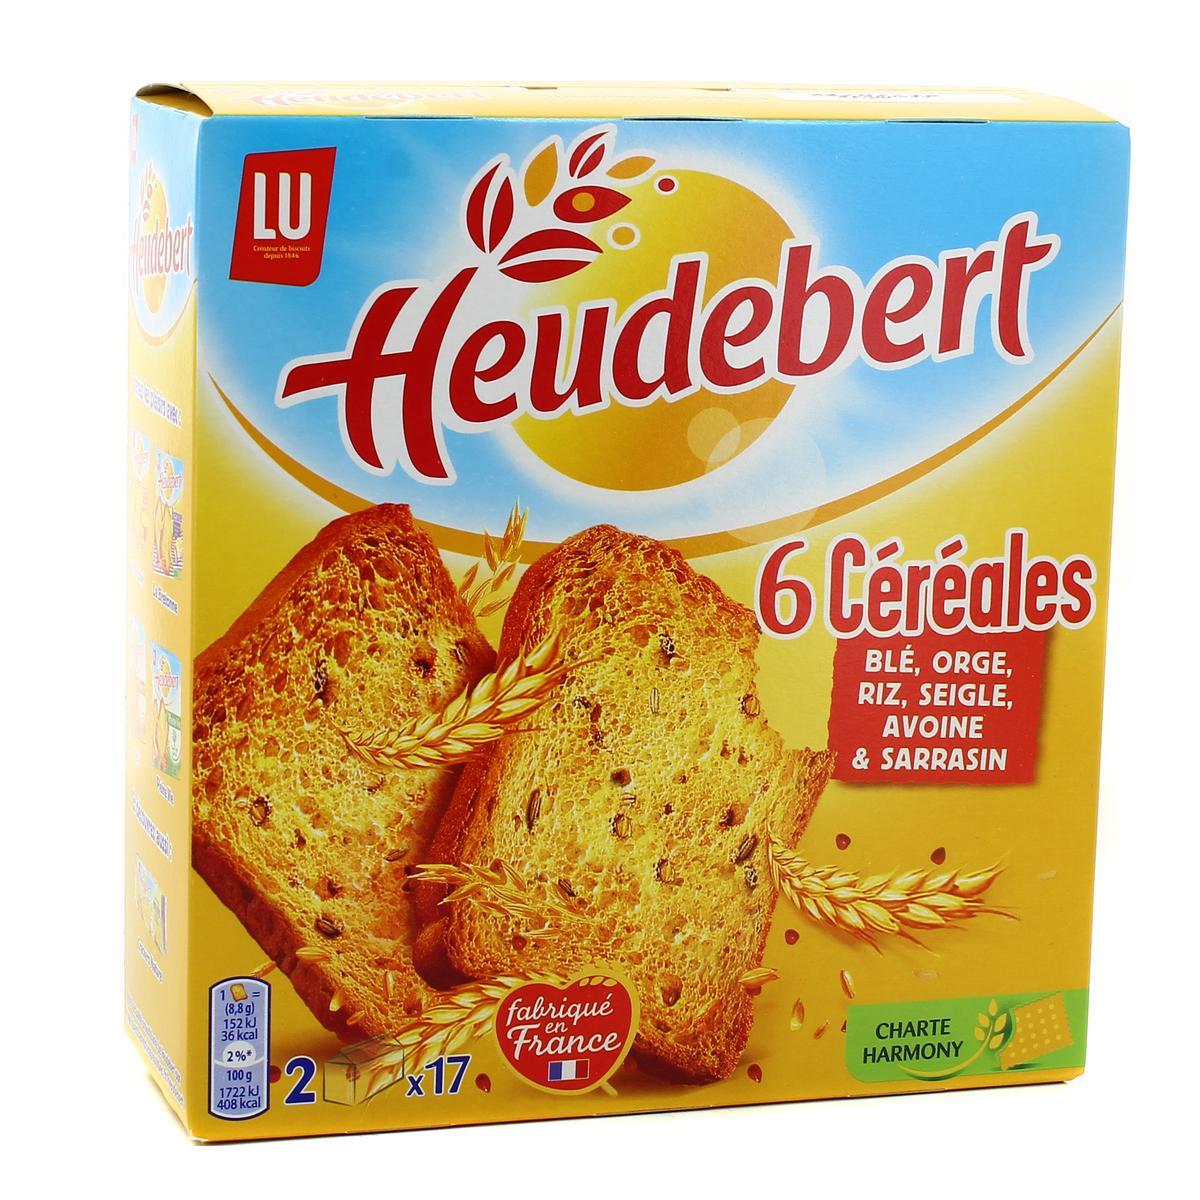 biscotte heudebert reduction